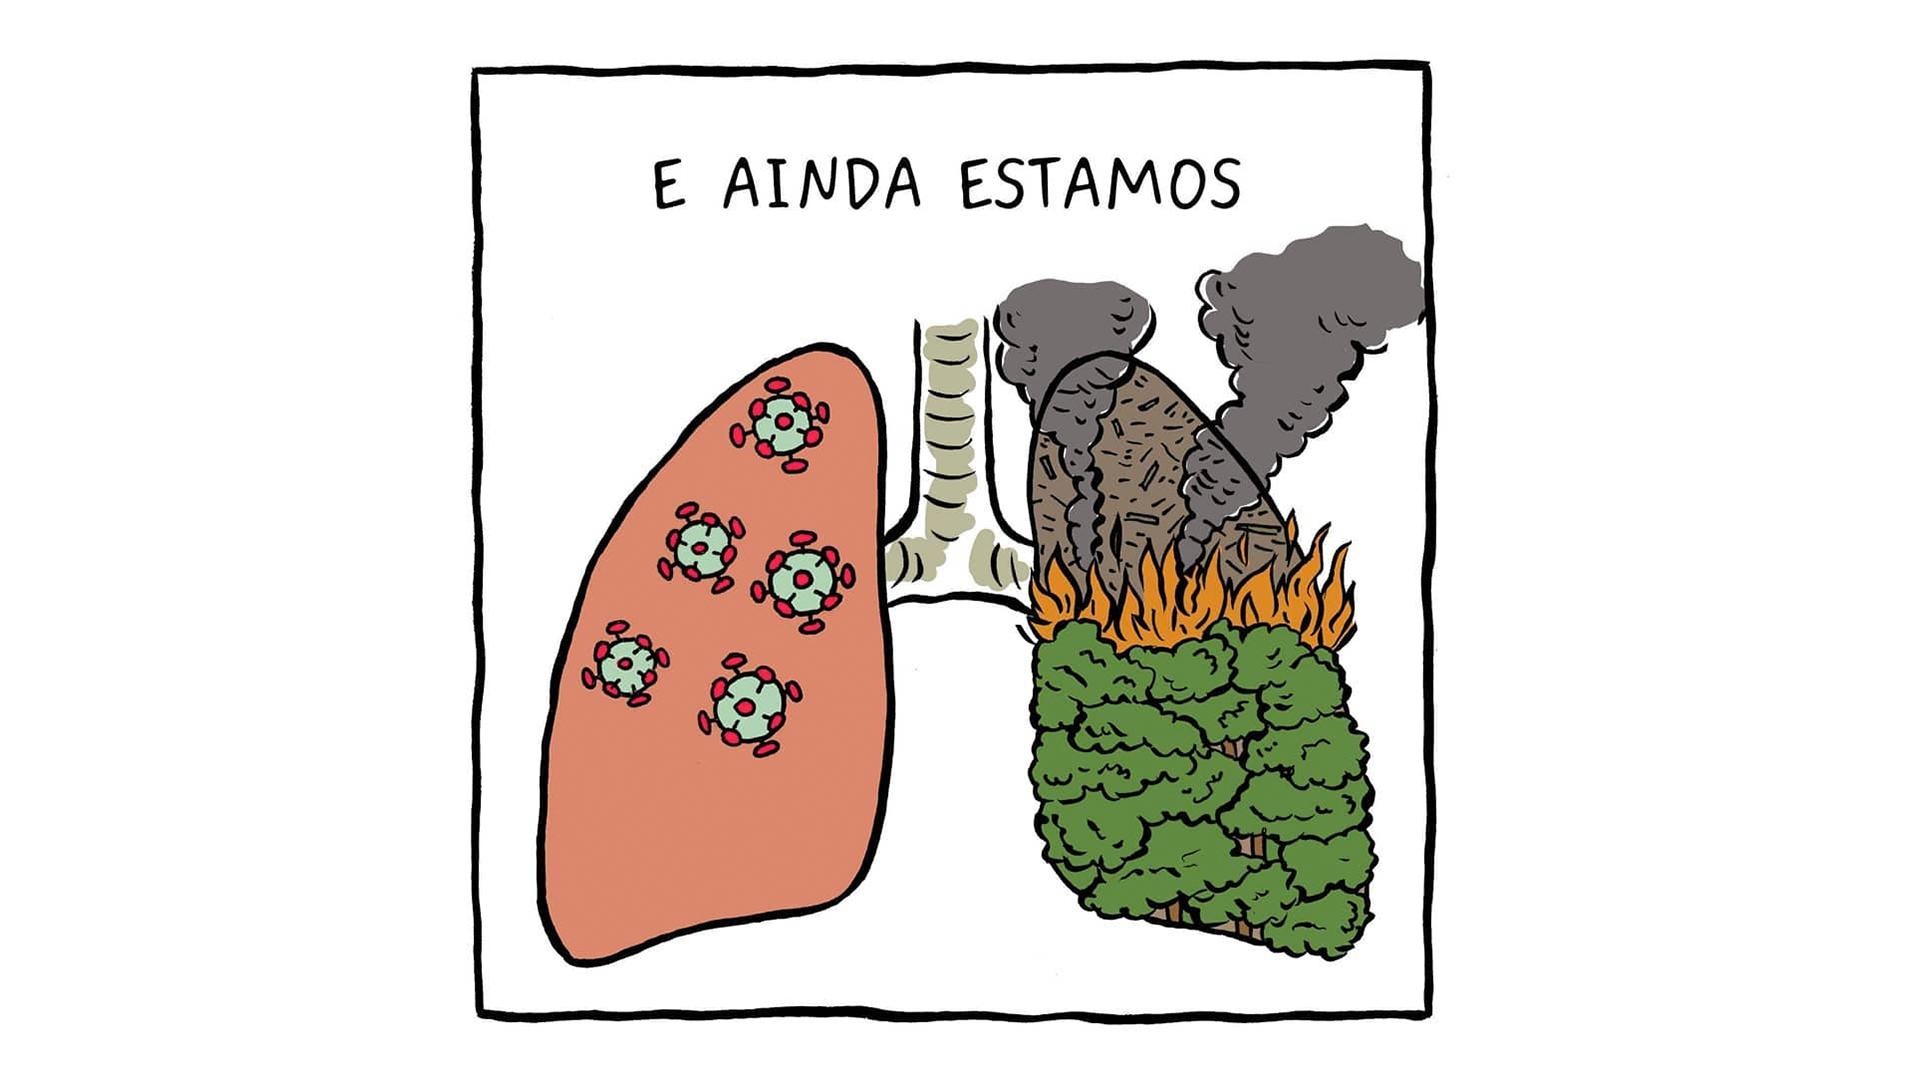 Pulmão 2 | E ainda estamos